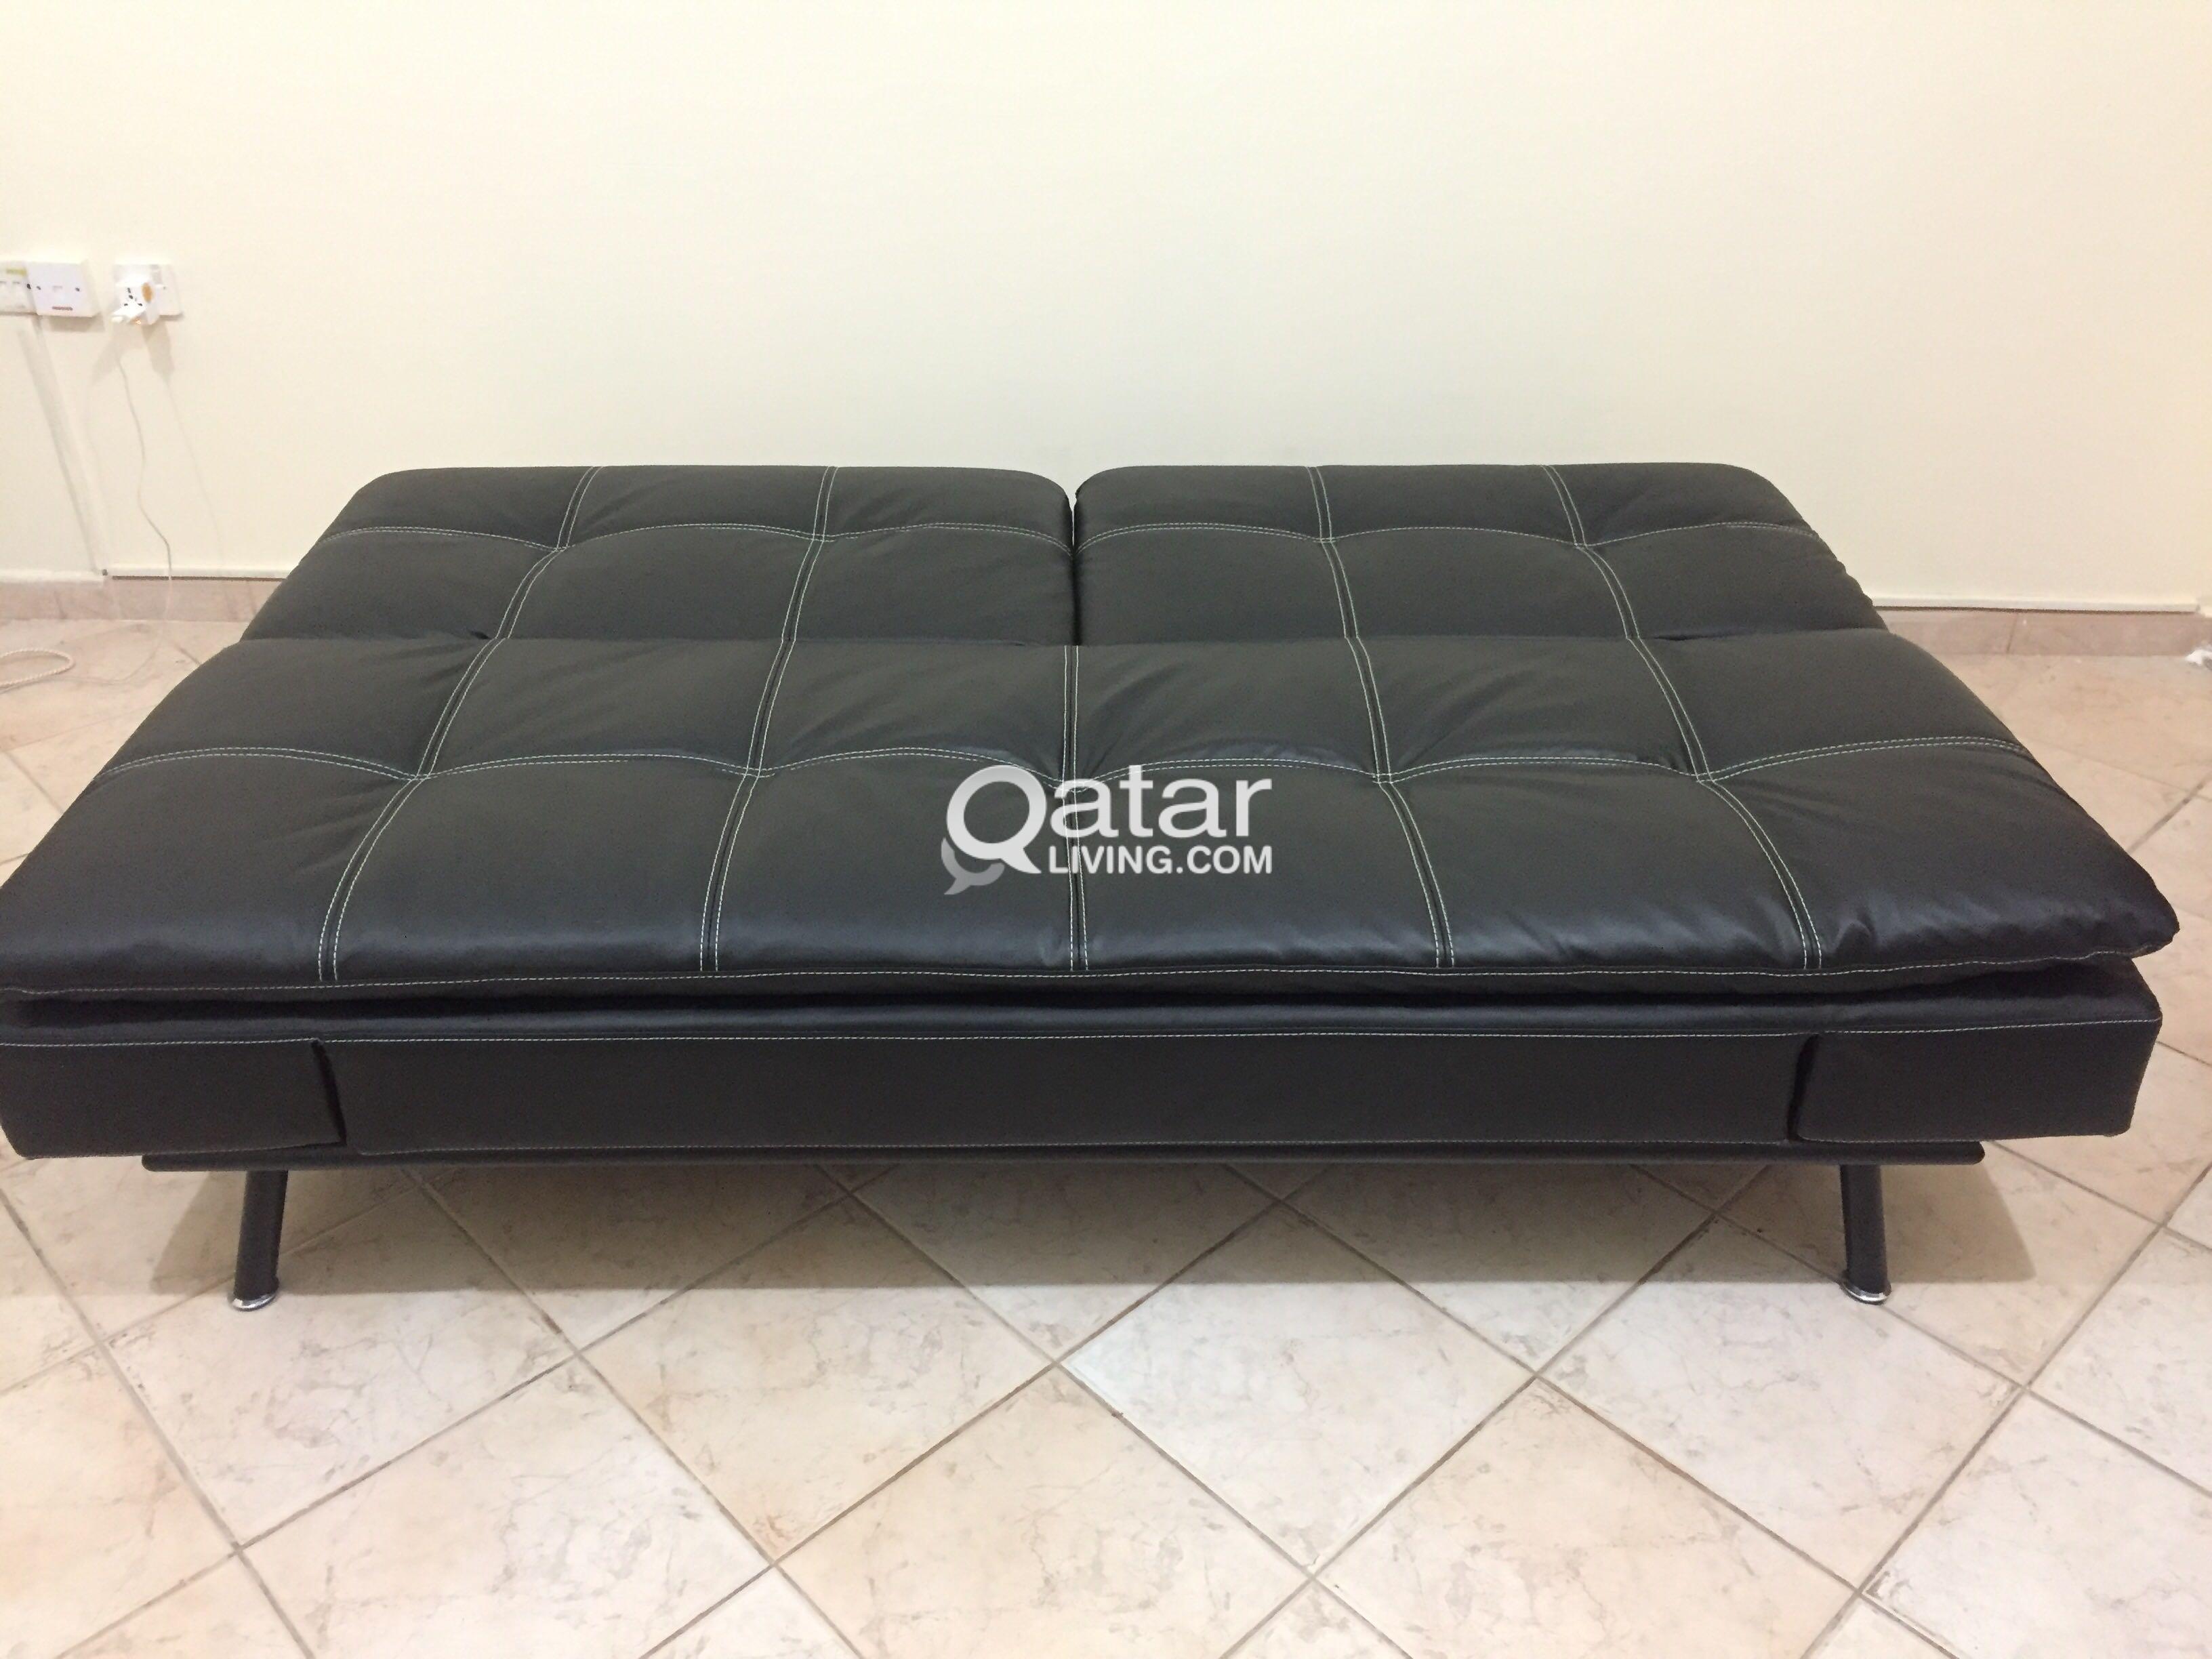 Bezaubernd Sofa Billig Sammlung Von Bed Home Qatar Living Rh Bebe Toys